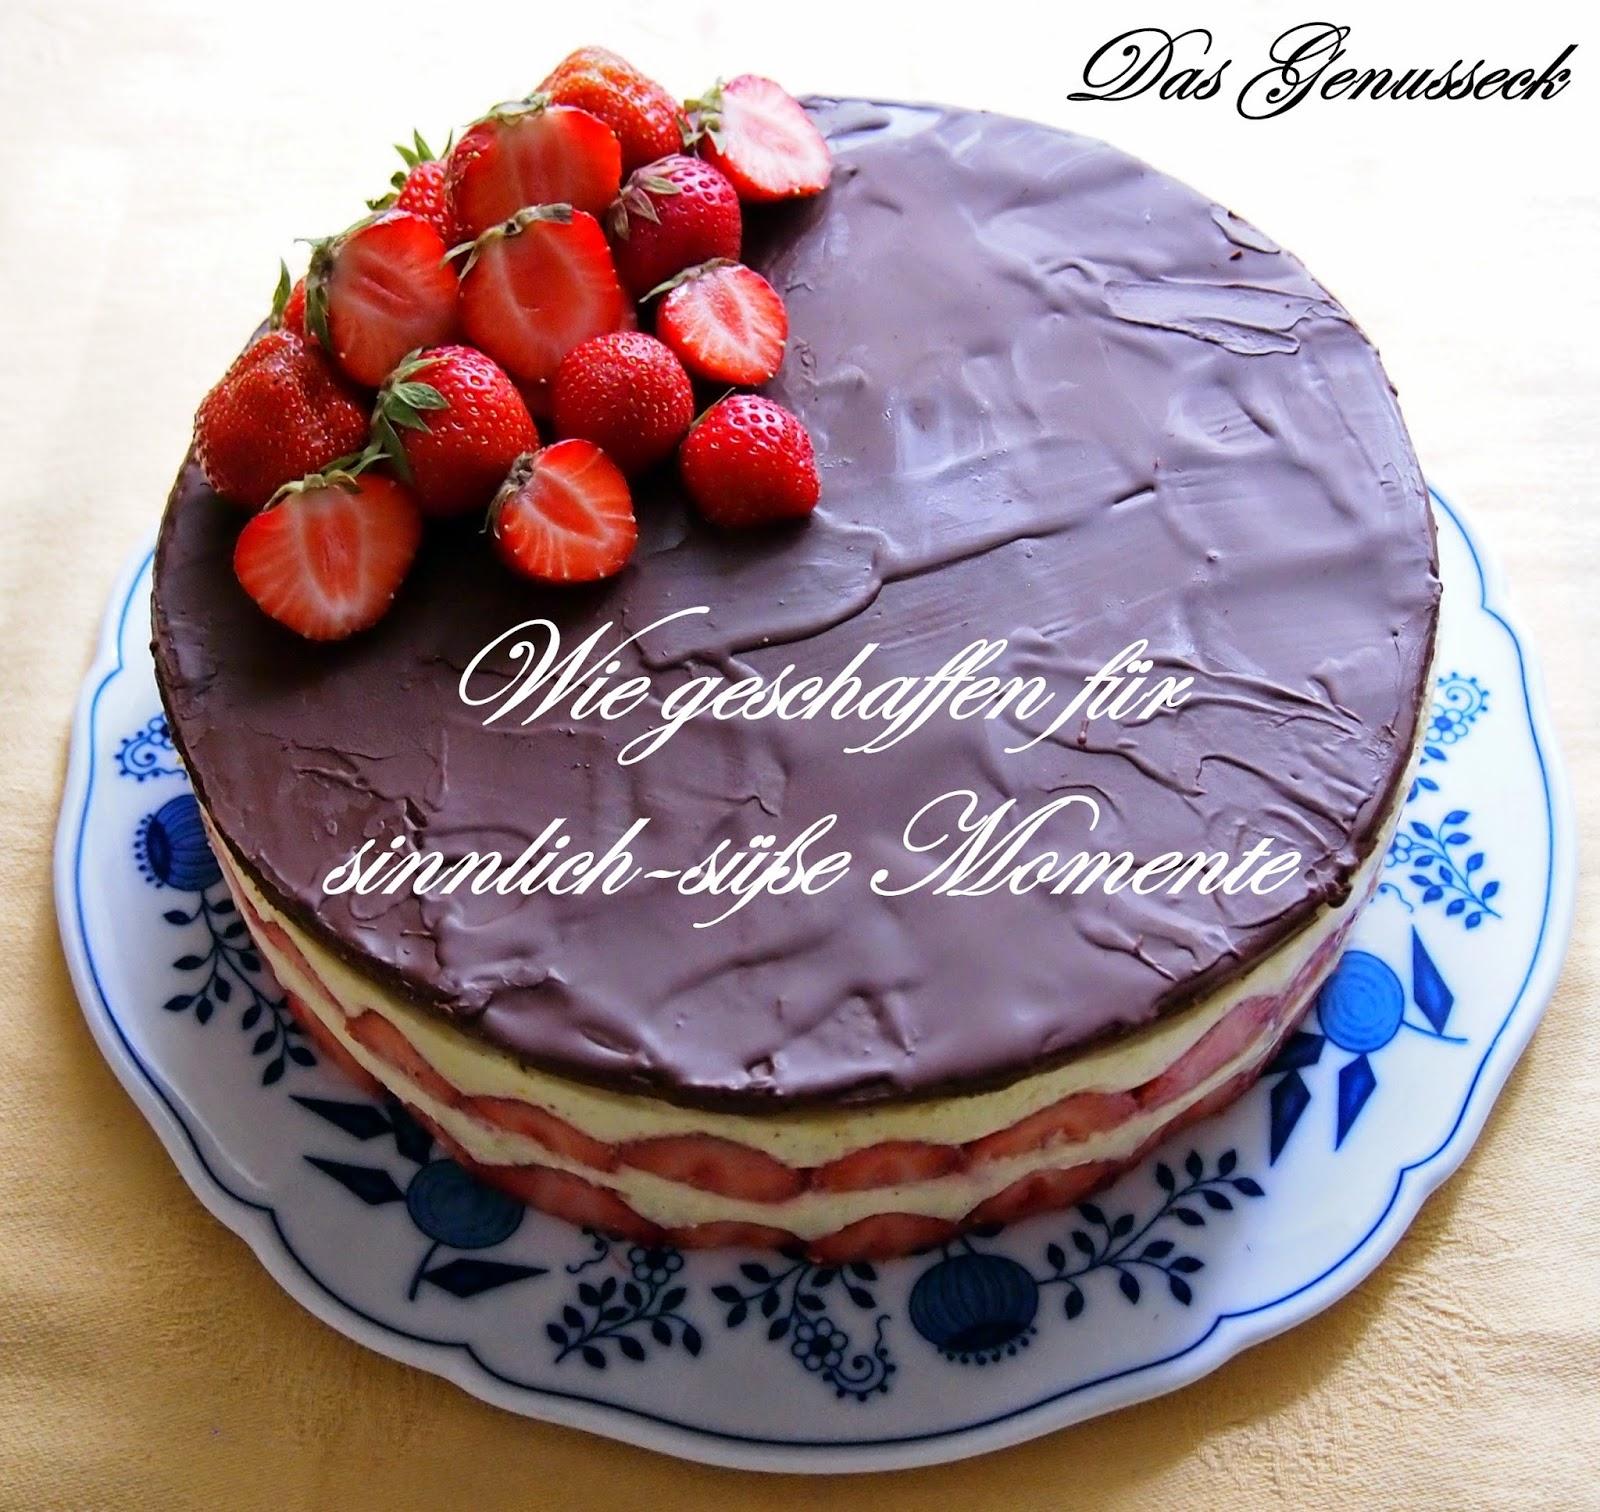 Das Genusseck Erdbeer Vanille Torte Mit Schokoladen Marzipan Decke